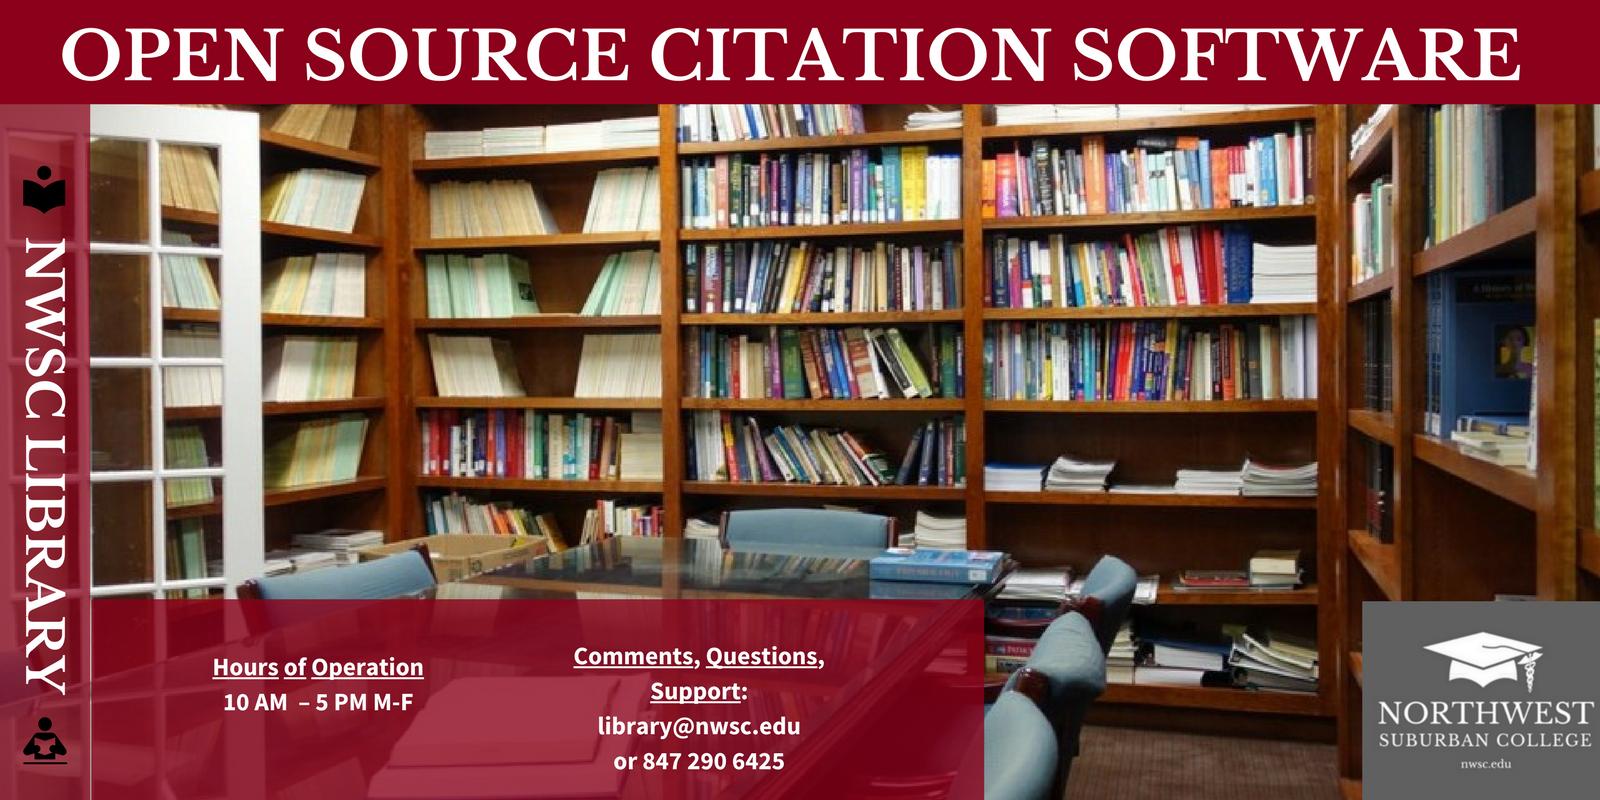 Open Source Citation